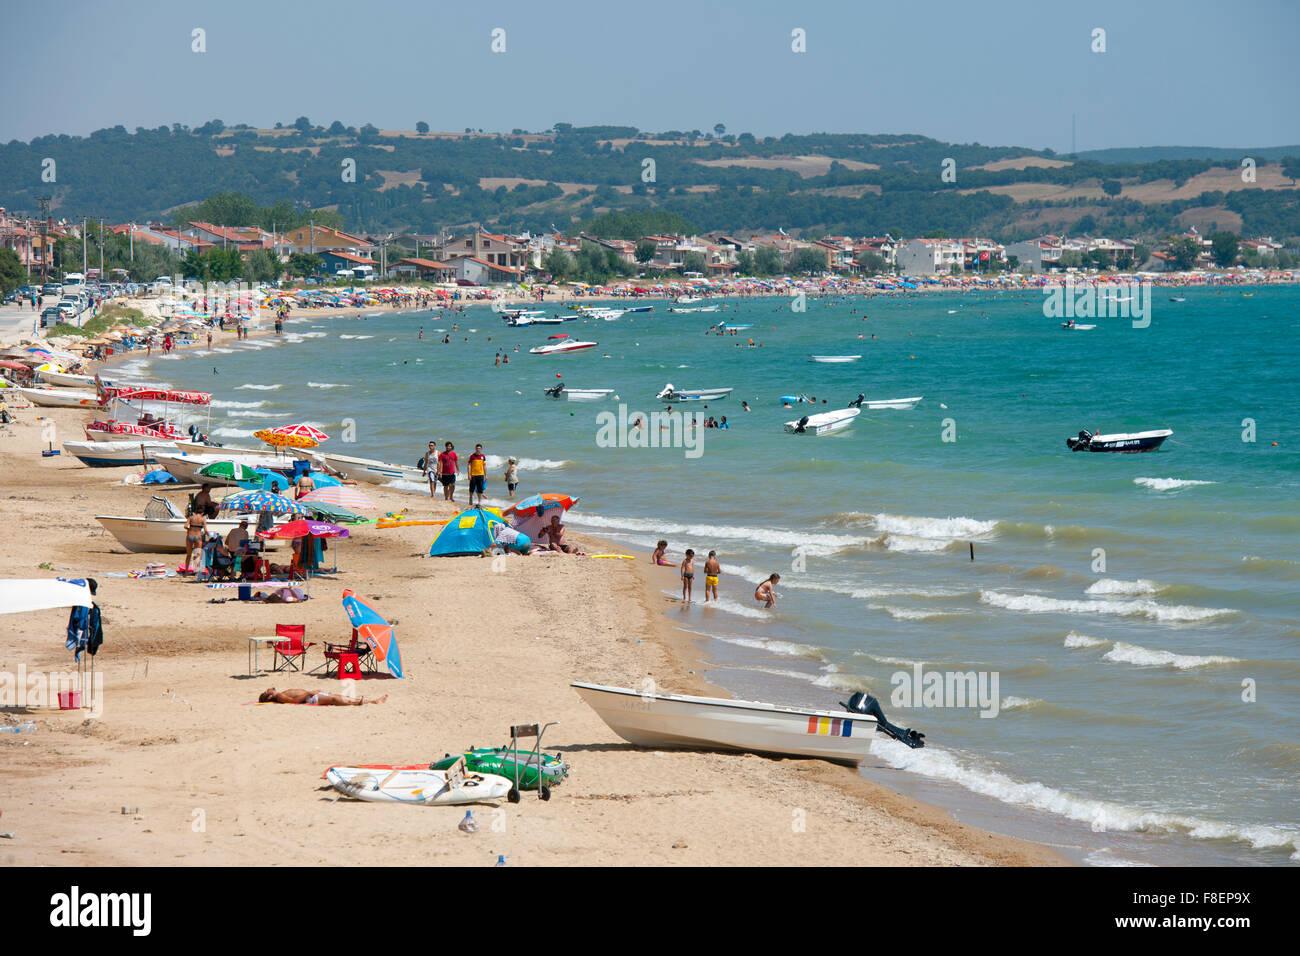 Türkei, Thrakien, Provinz Edirne, Mittelmeer, Strand von Erikli - Stock Image